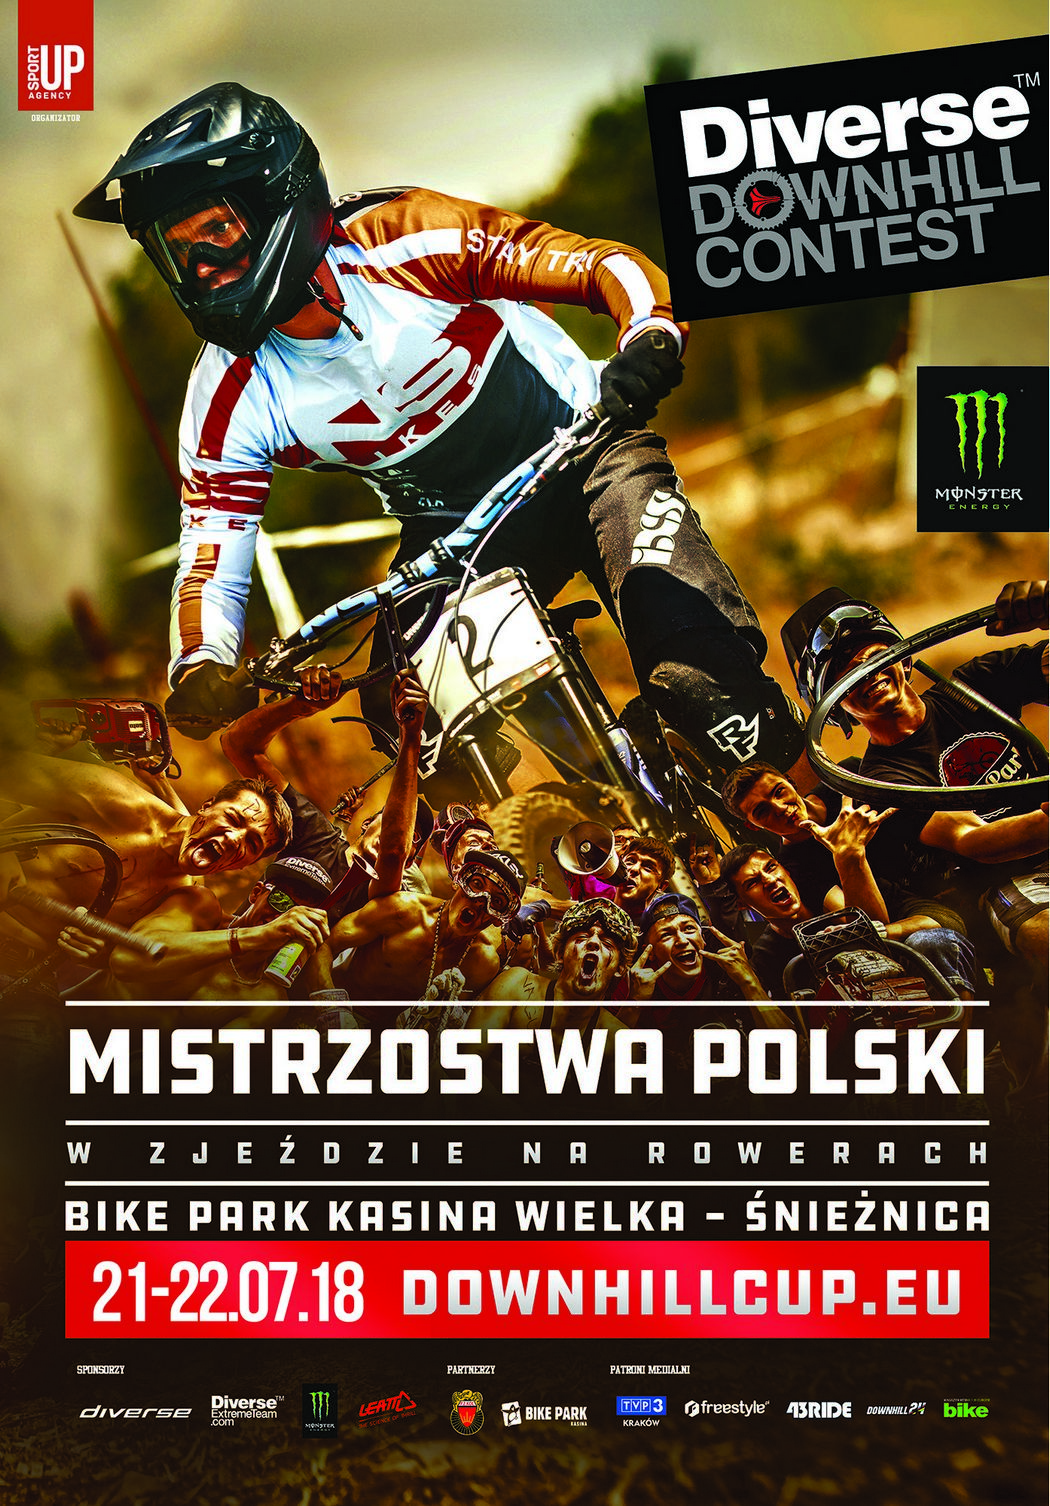 Mistrzostwa Polski Diverse Downhill Contest 2018 - helmet camy tras